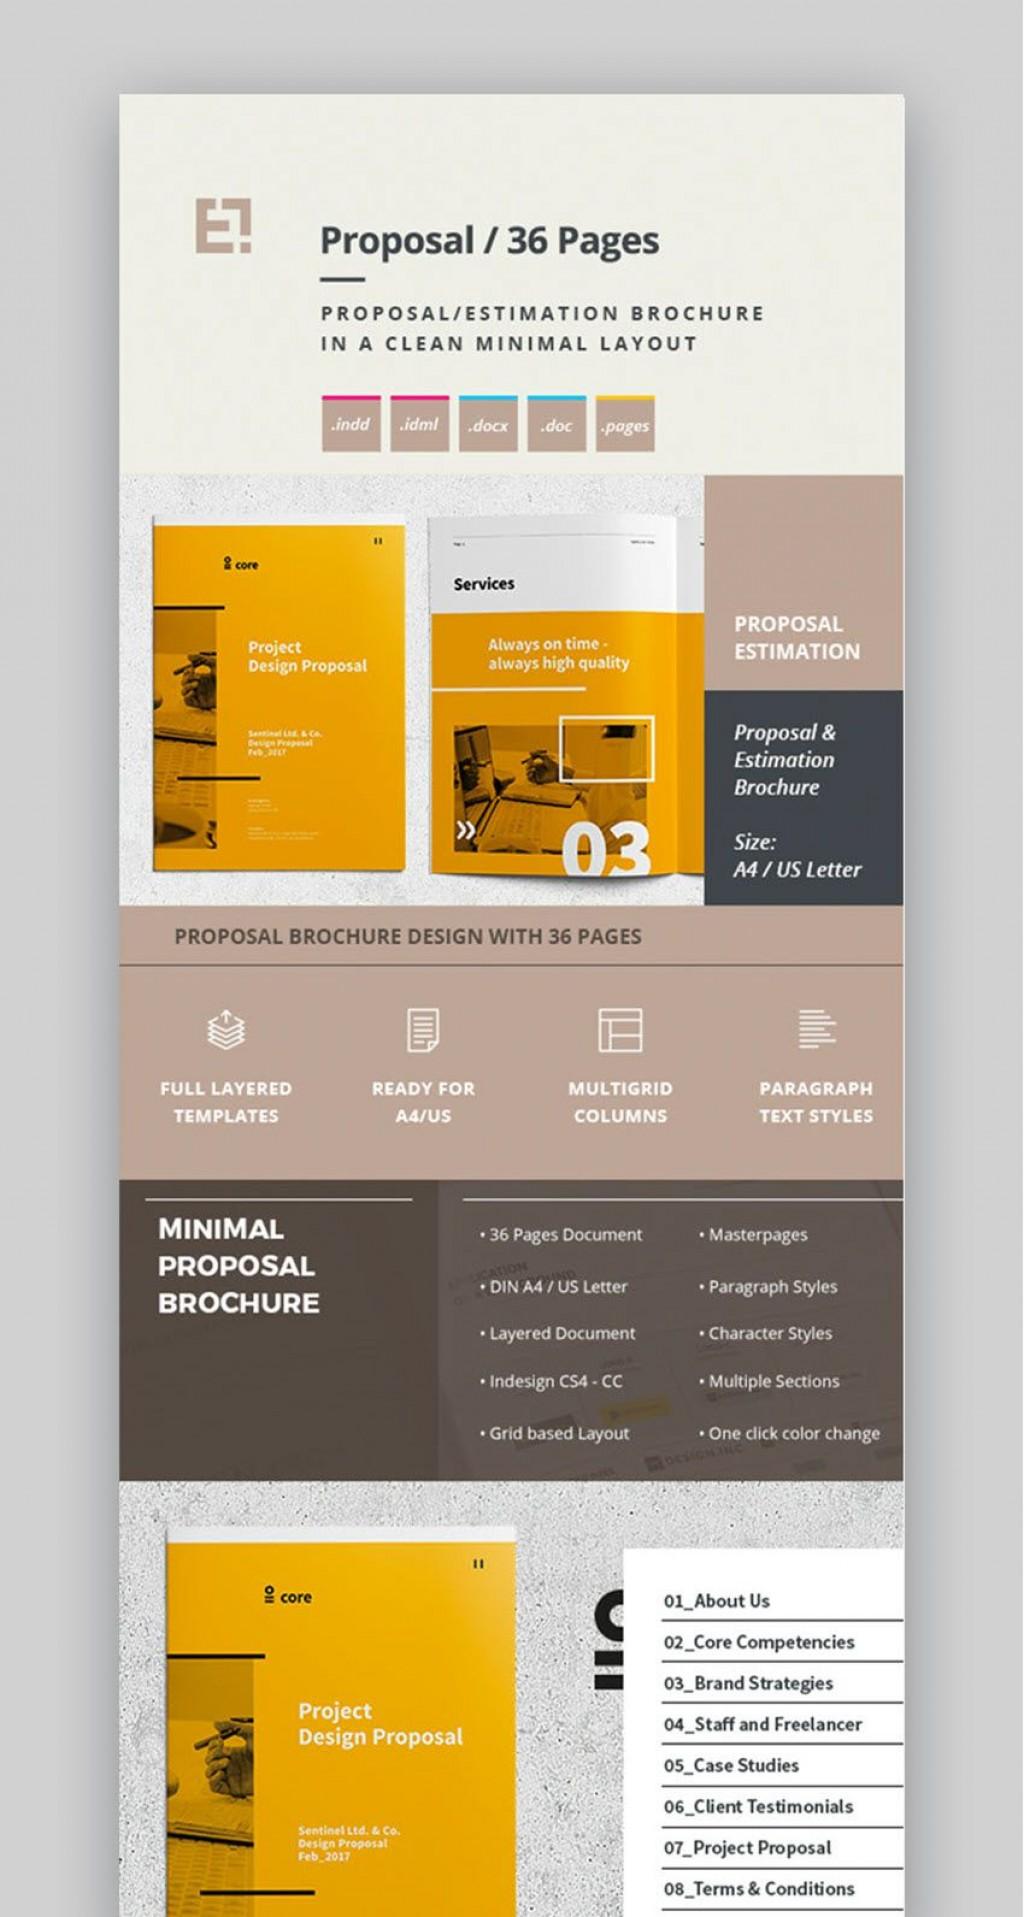 007 Marvelou Web Design Proposal Template Indesign Image Large